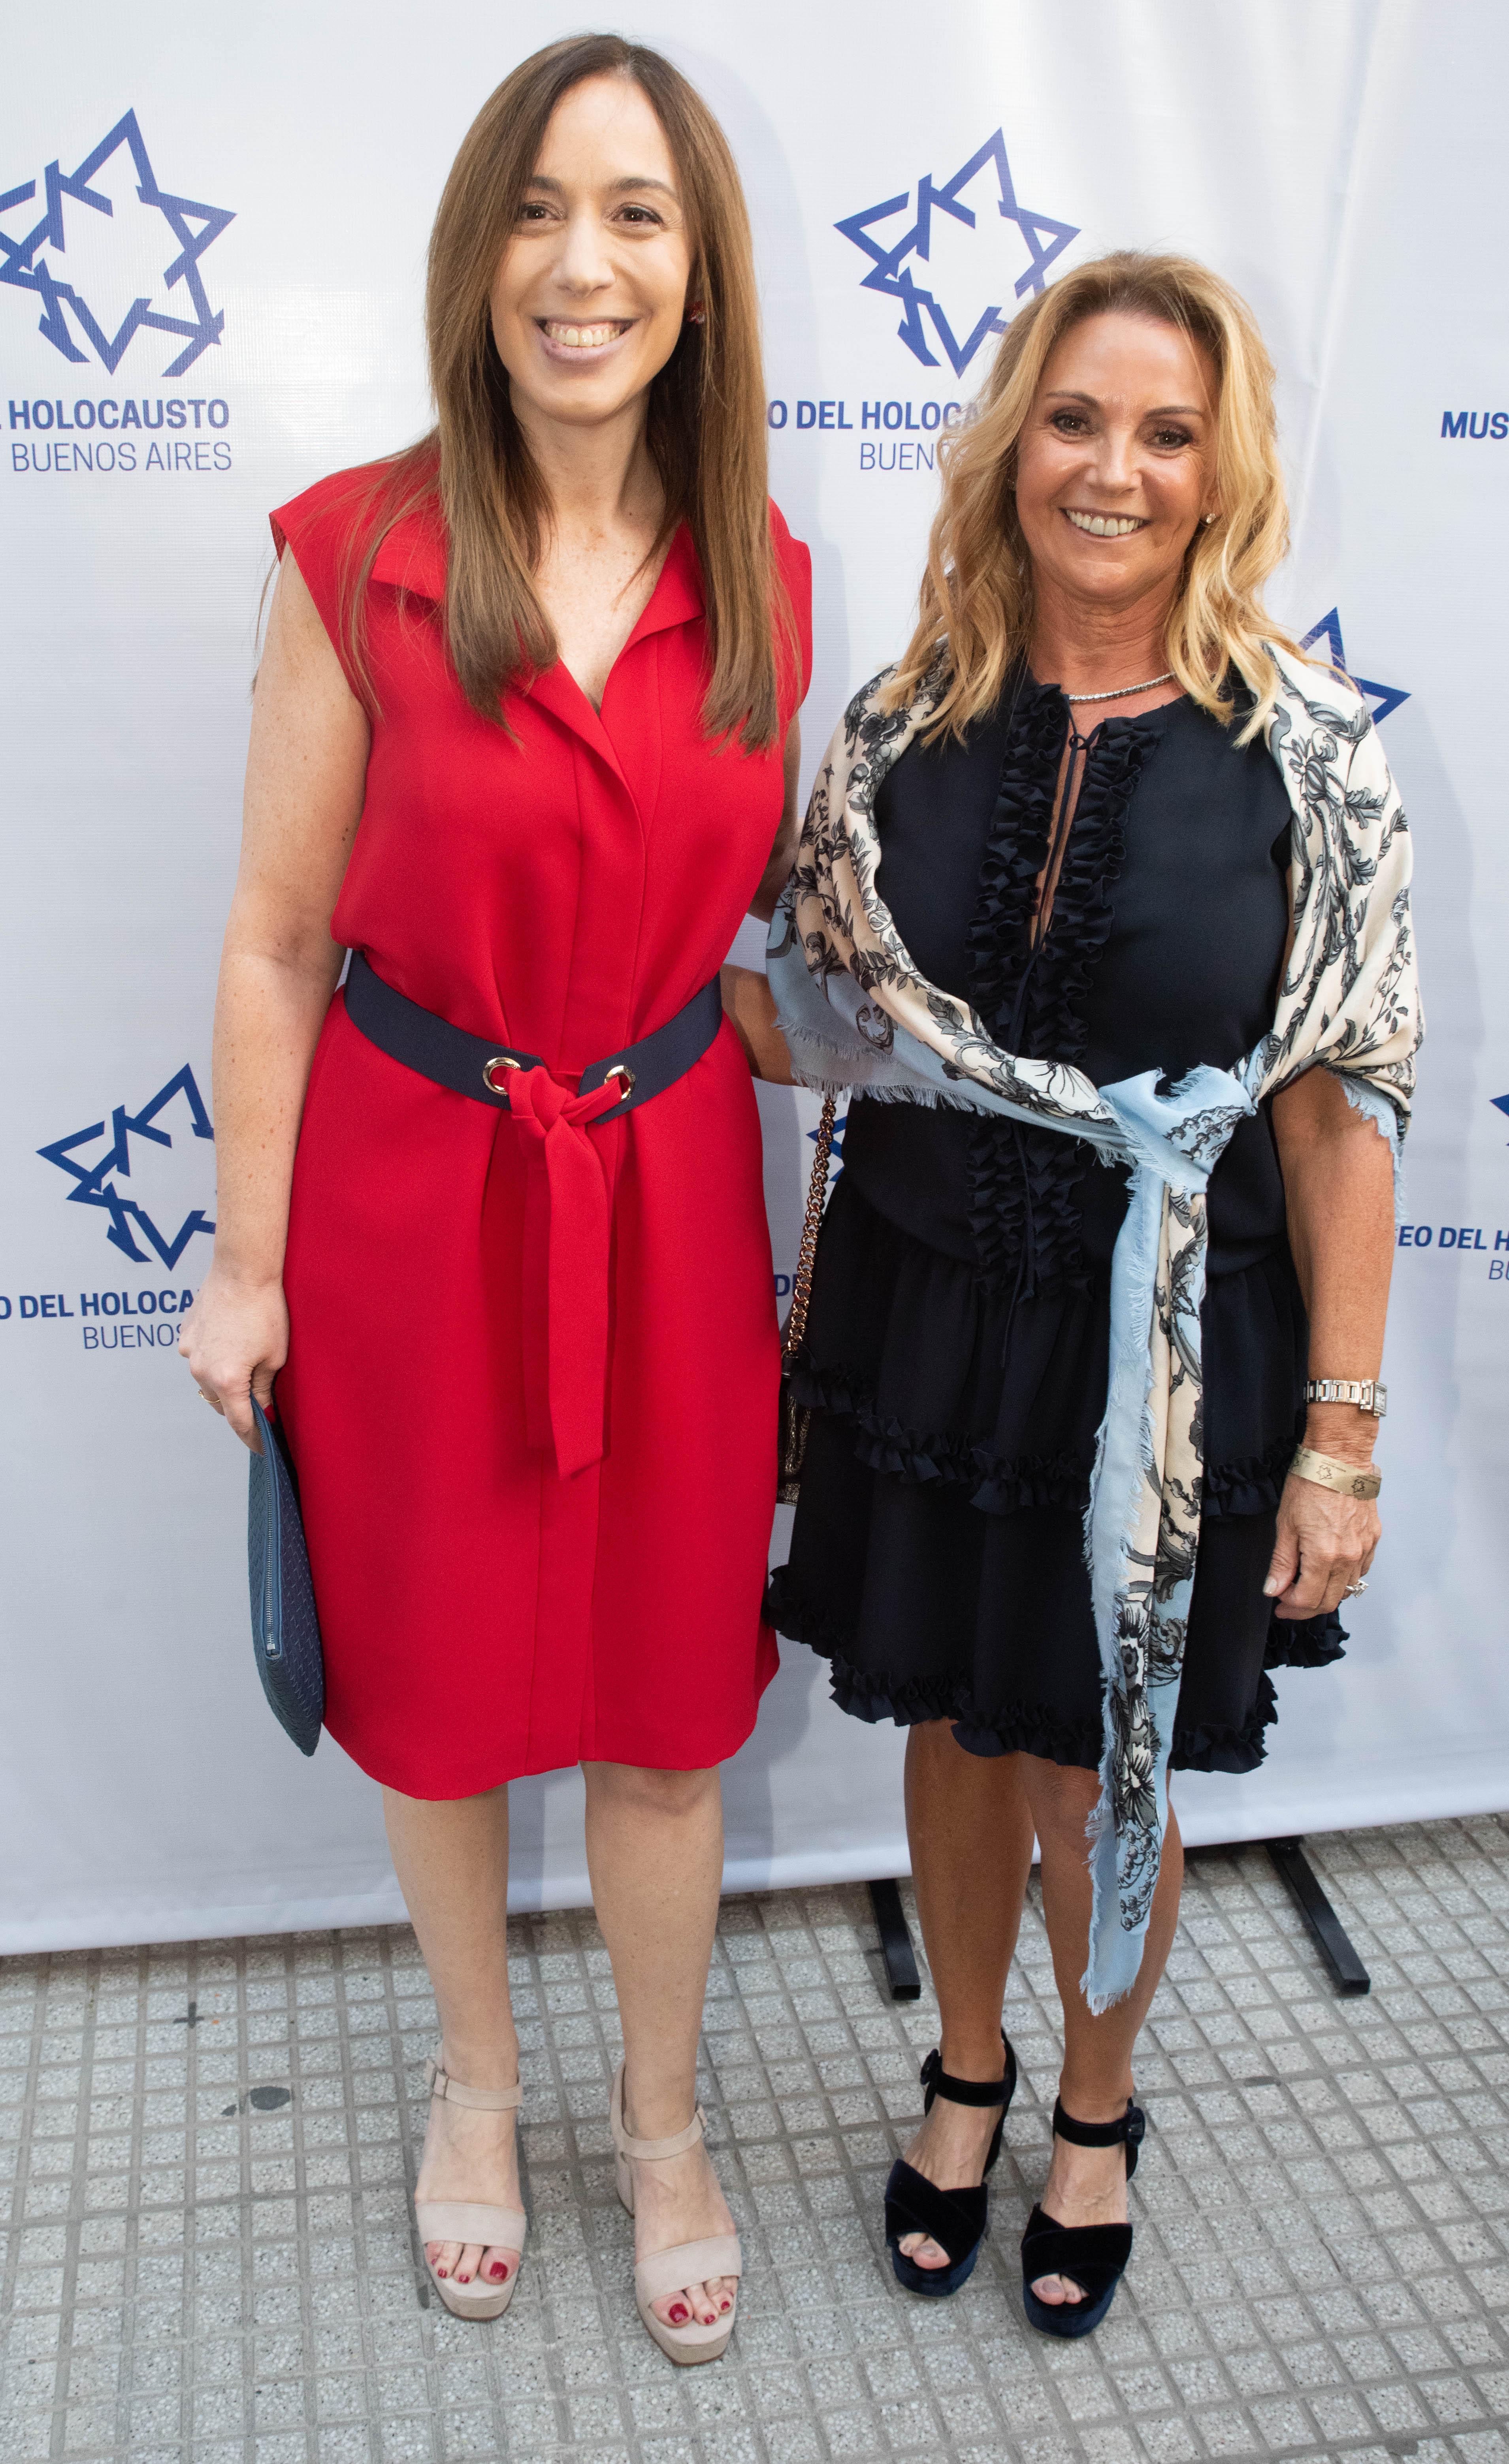 La gobernadora bonaerense María Eugenia Vidal y Mariana Mindlin